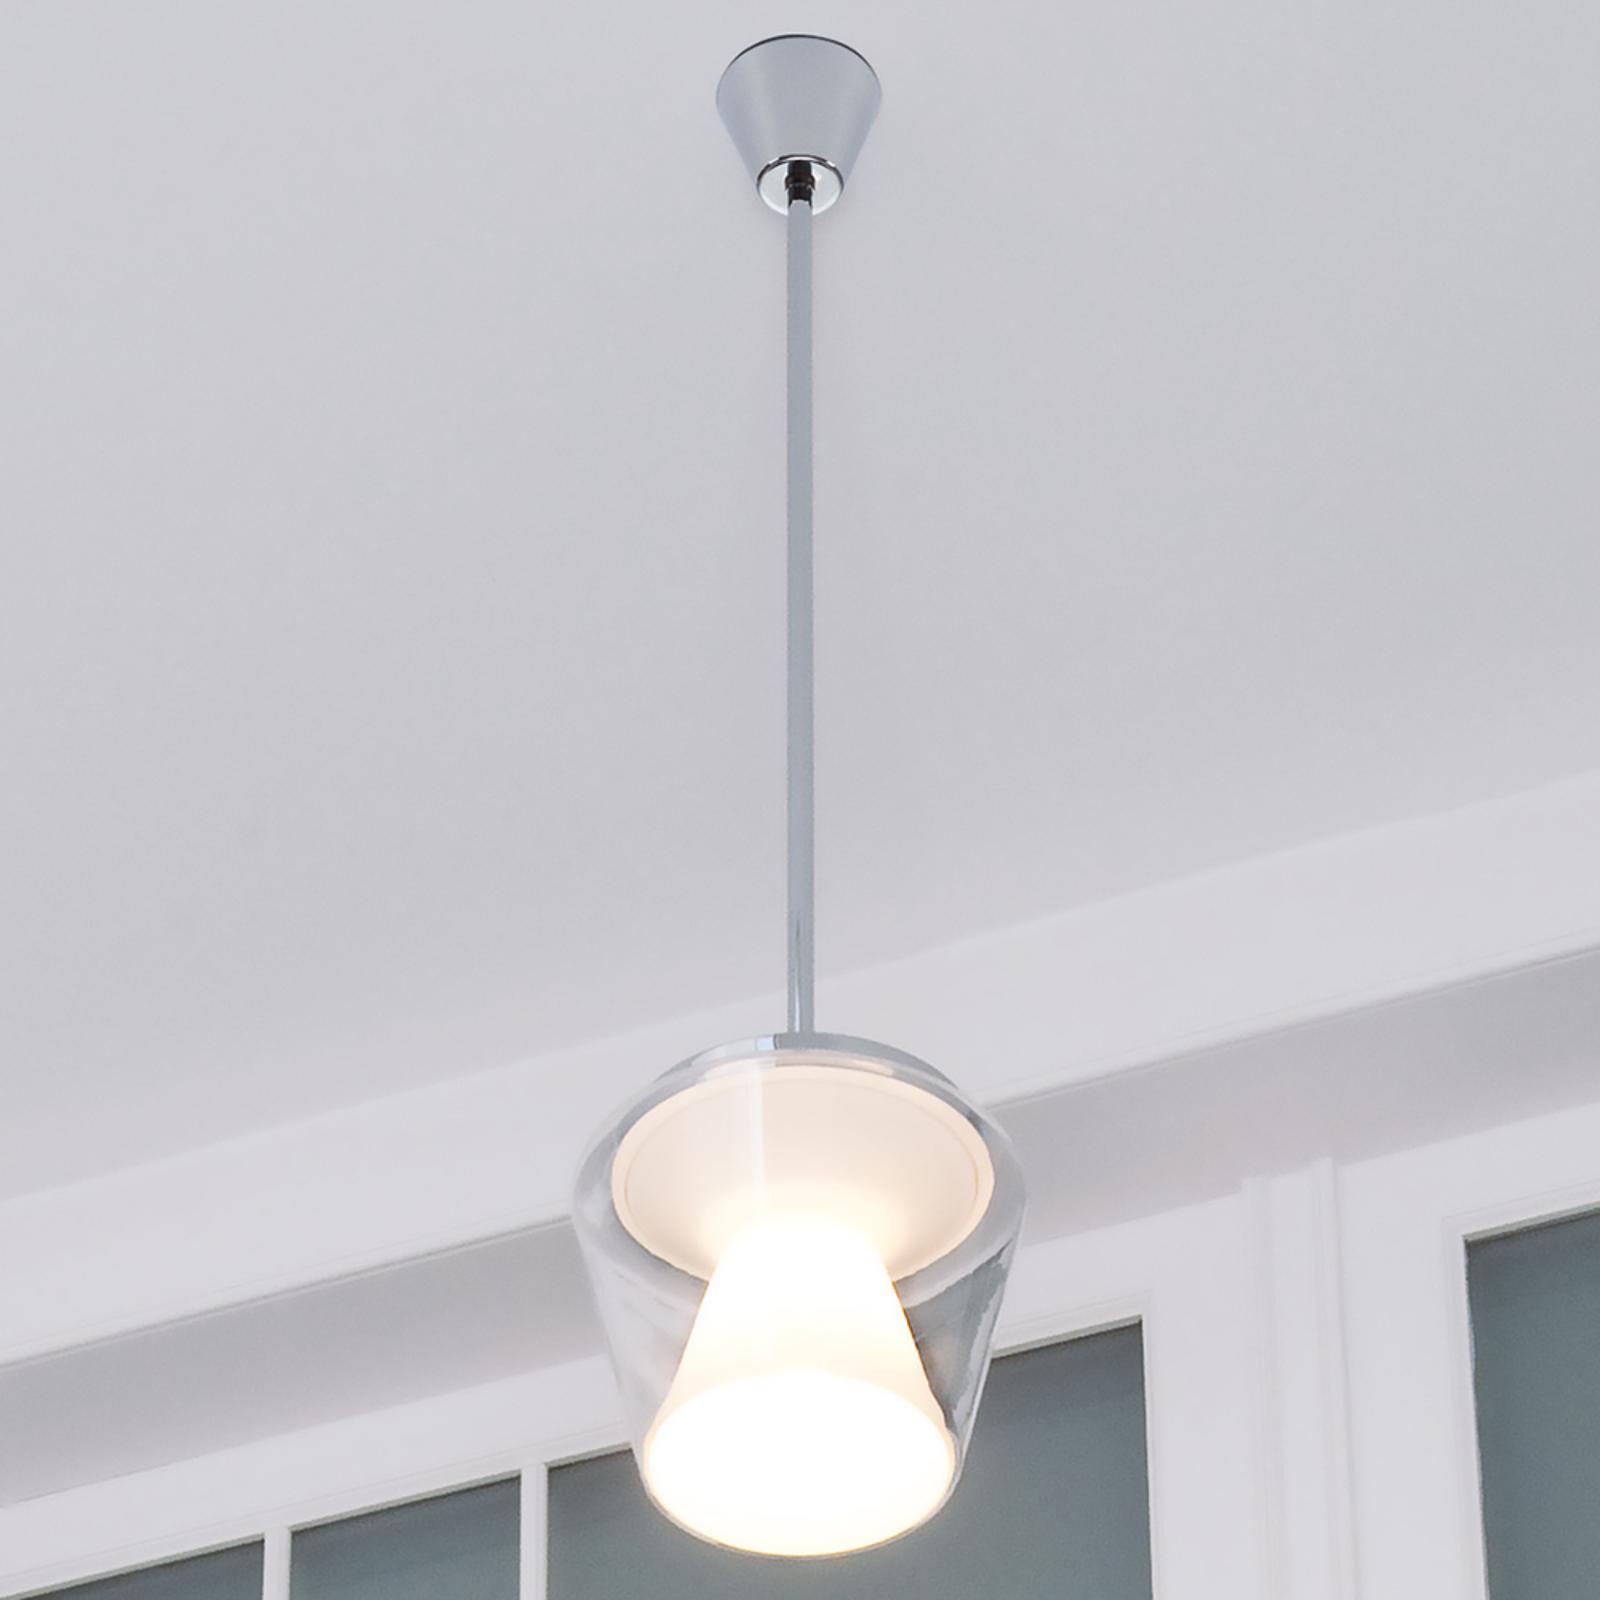 Lampa wisząca LED Annex z kloszem szklanym